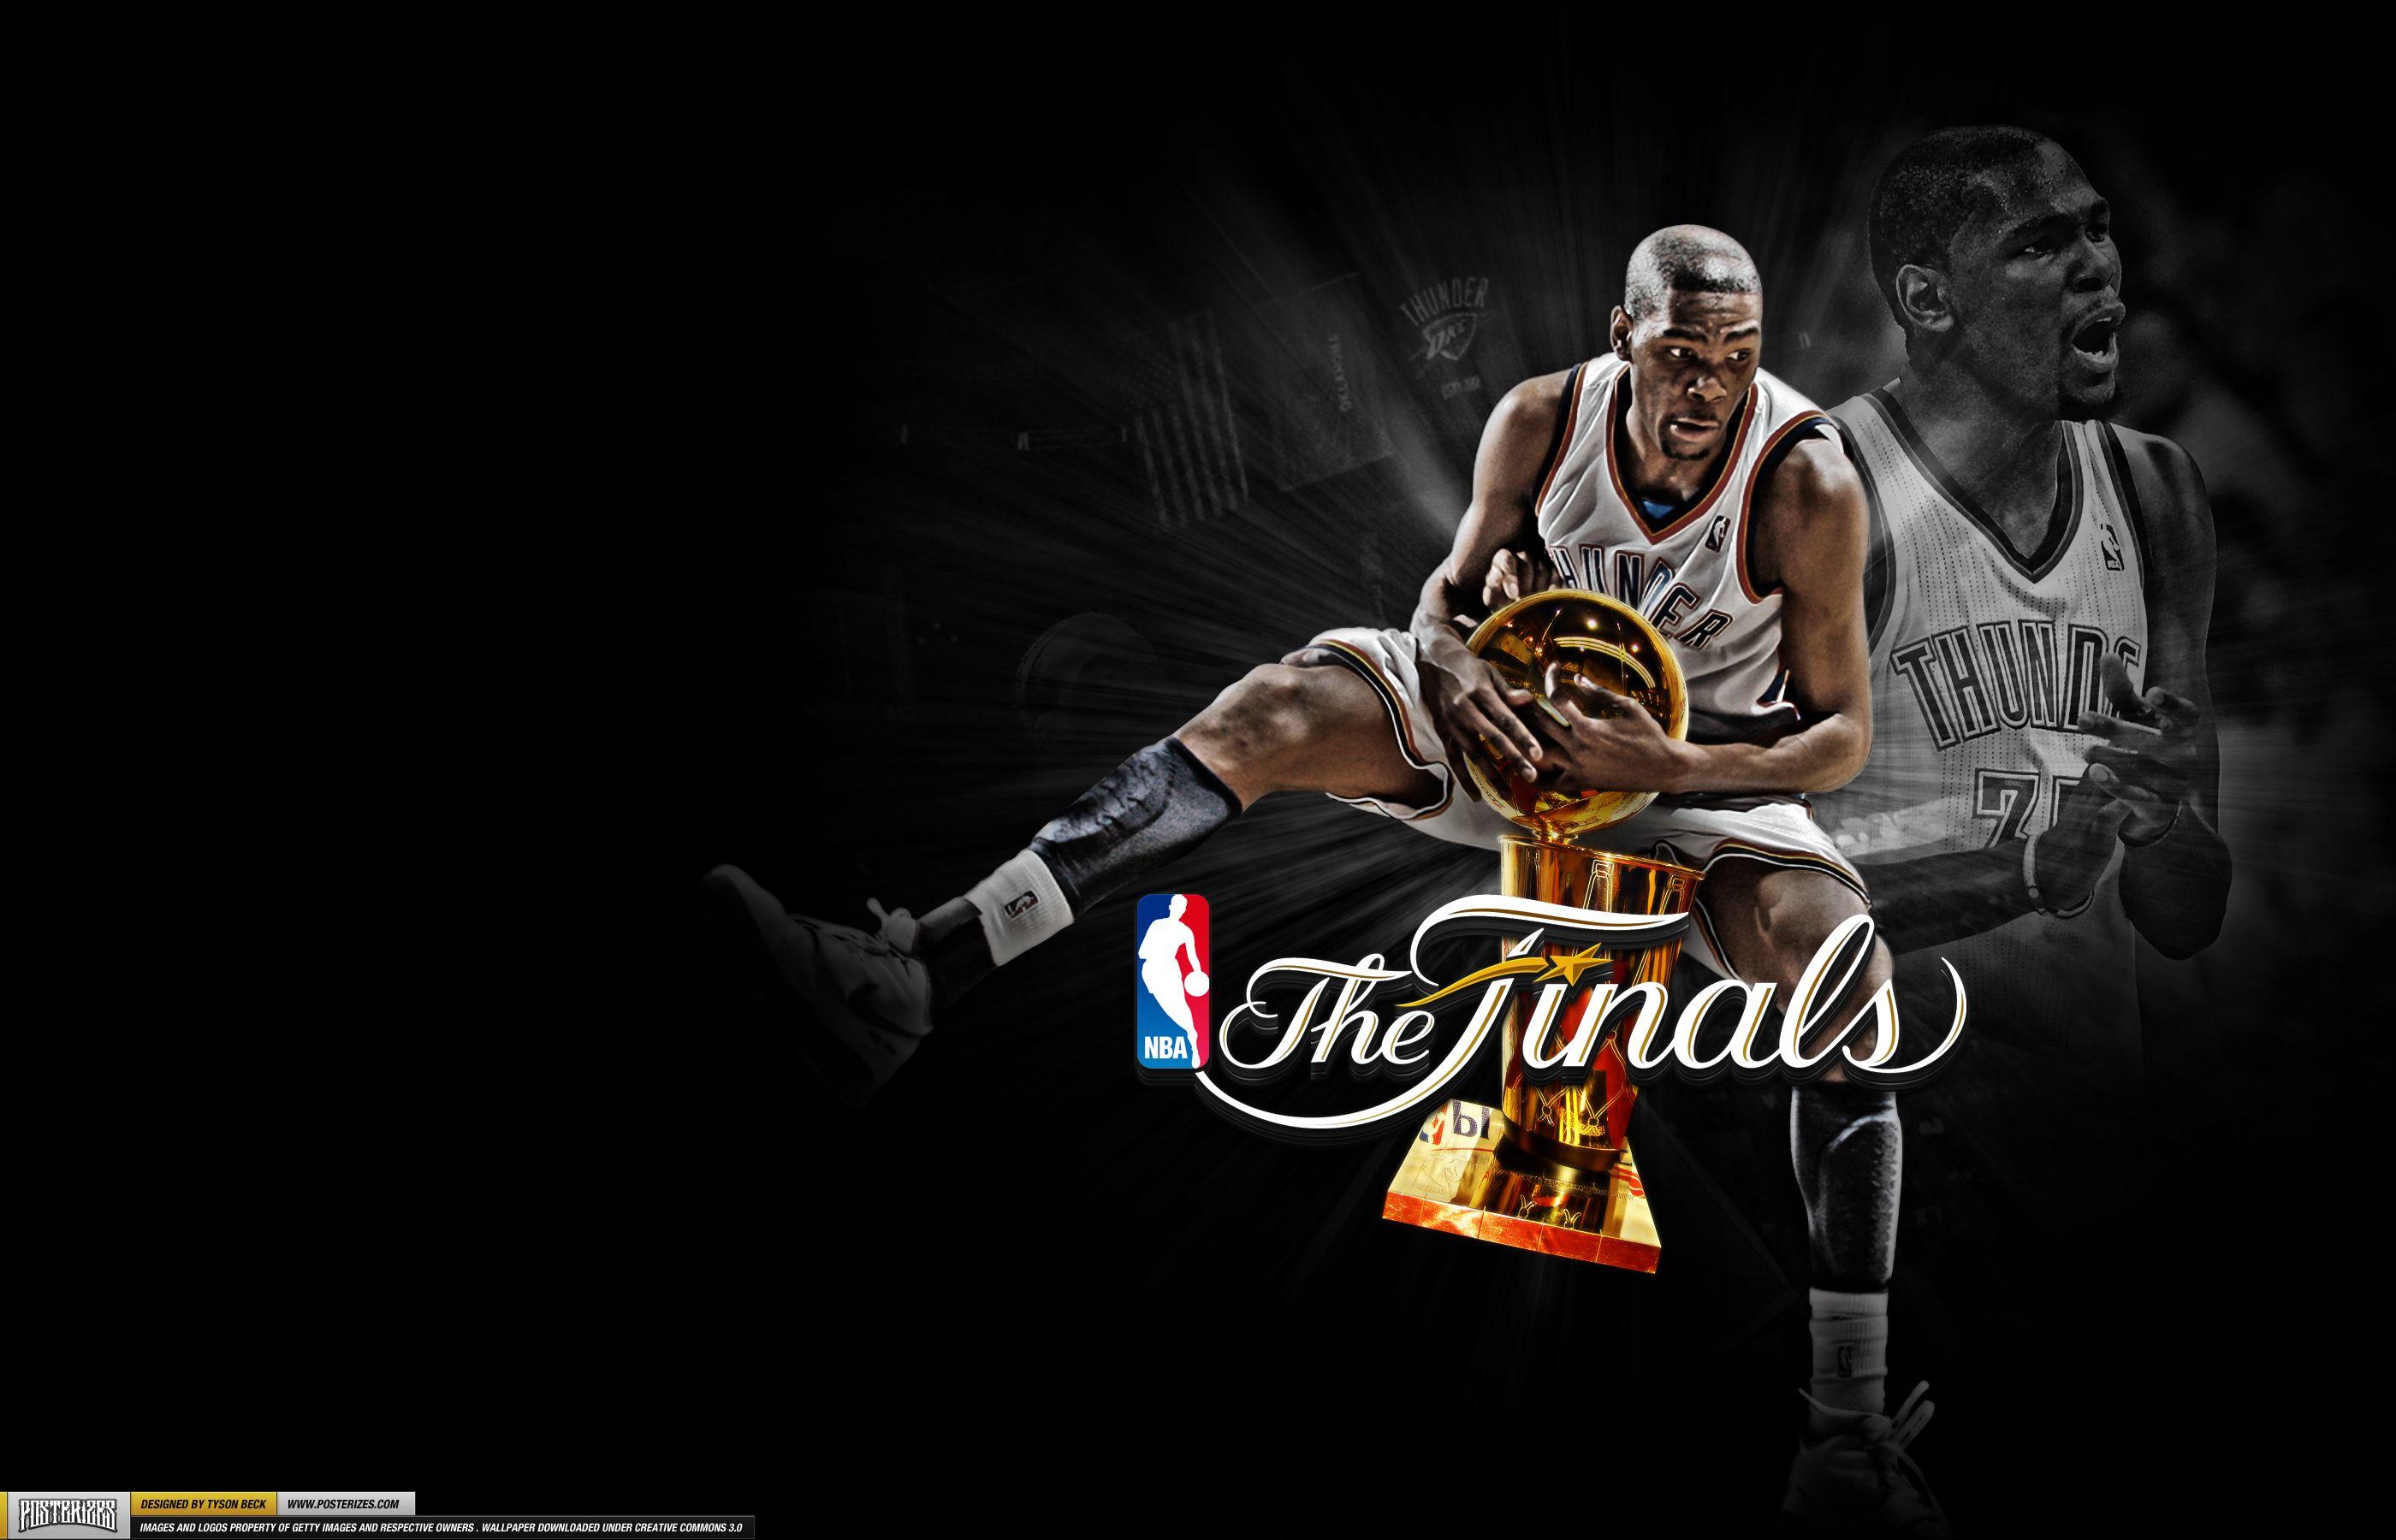 Durant Kd Kevindurant Nba Finals Ad Basketball Design Kevin Durant Kevin Durant Basketball Oklahoma City Thunder